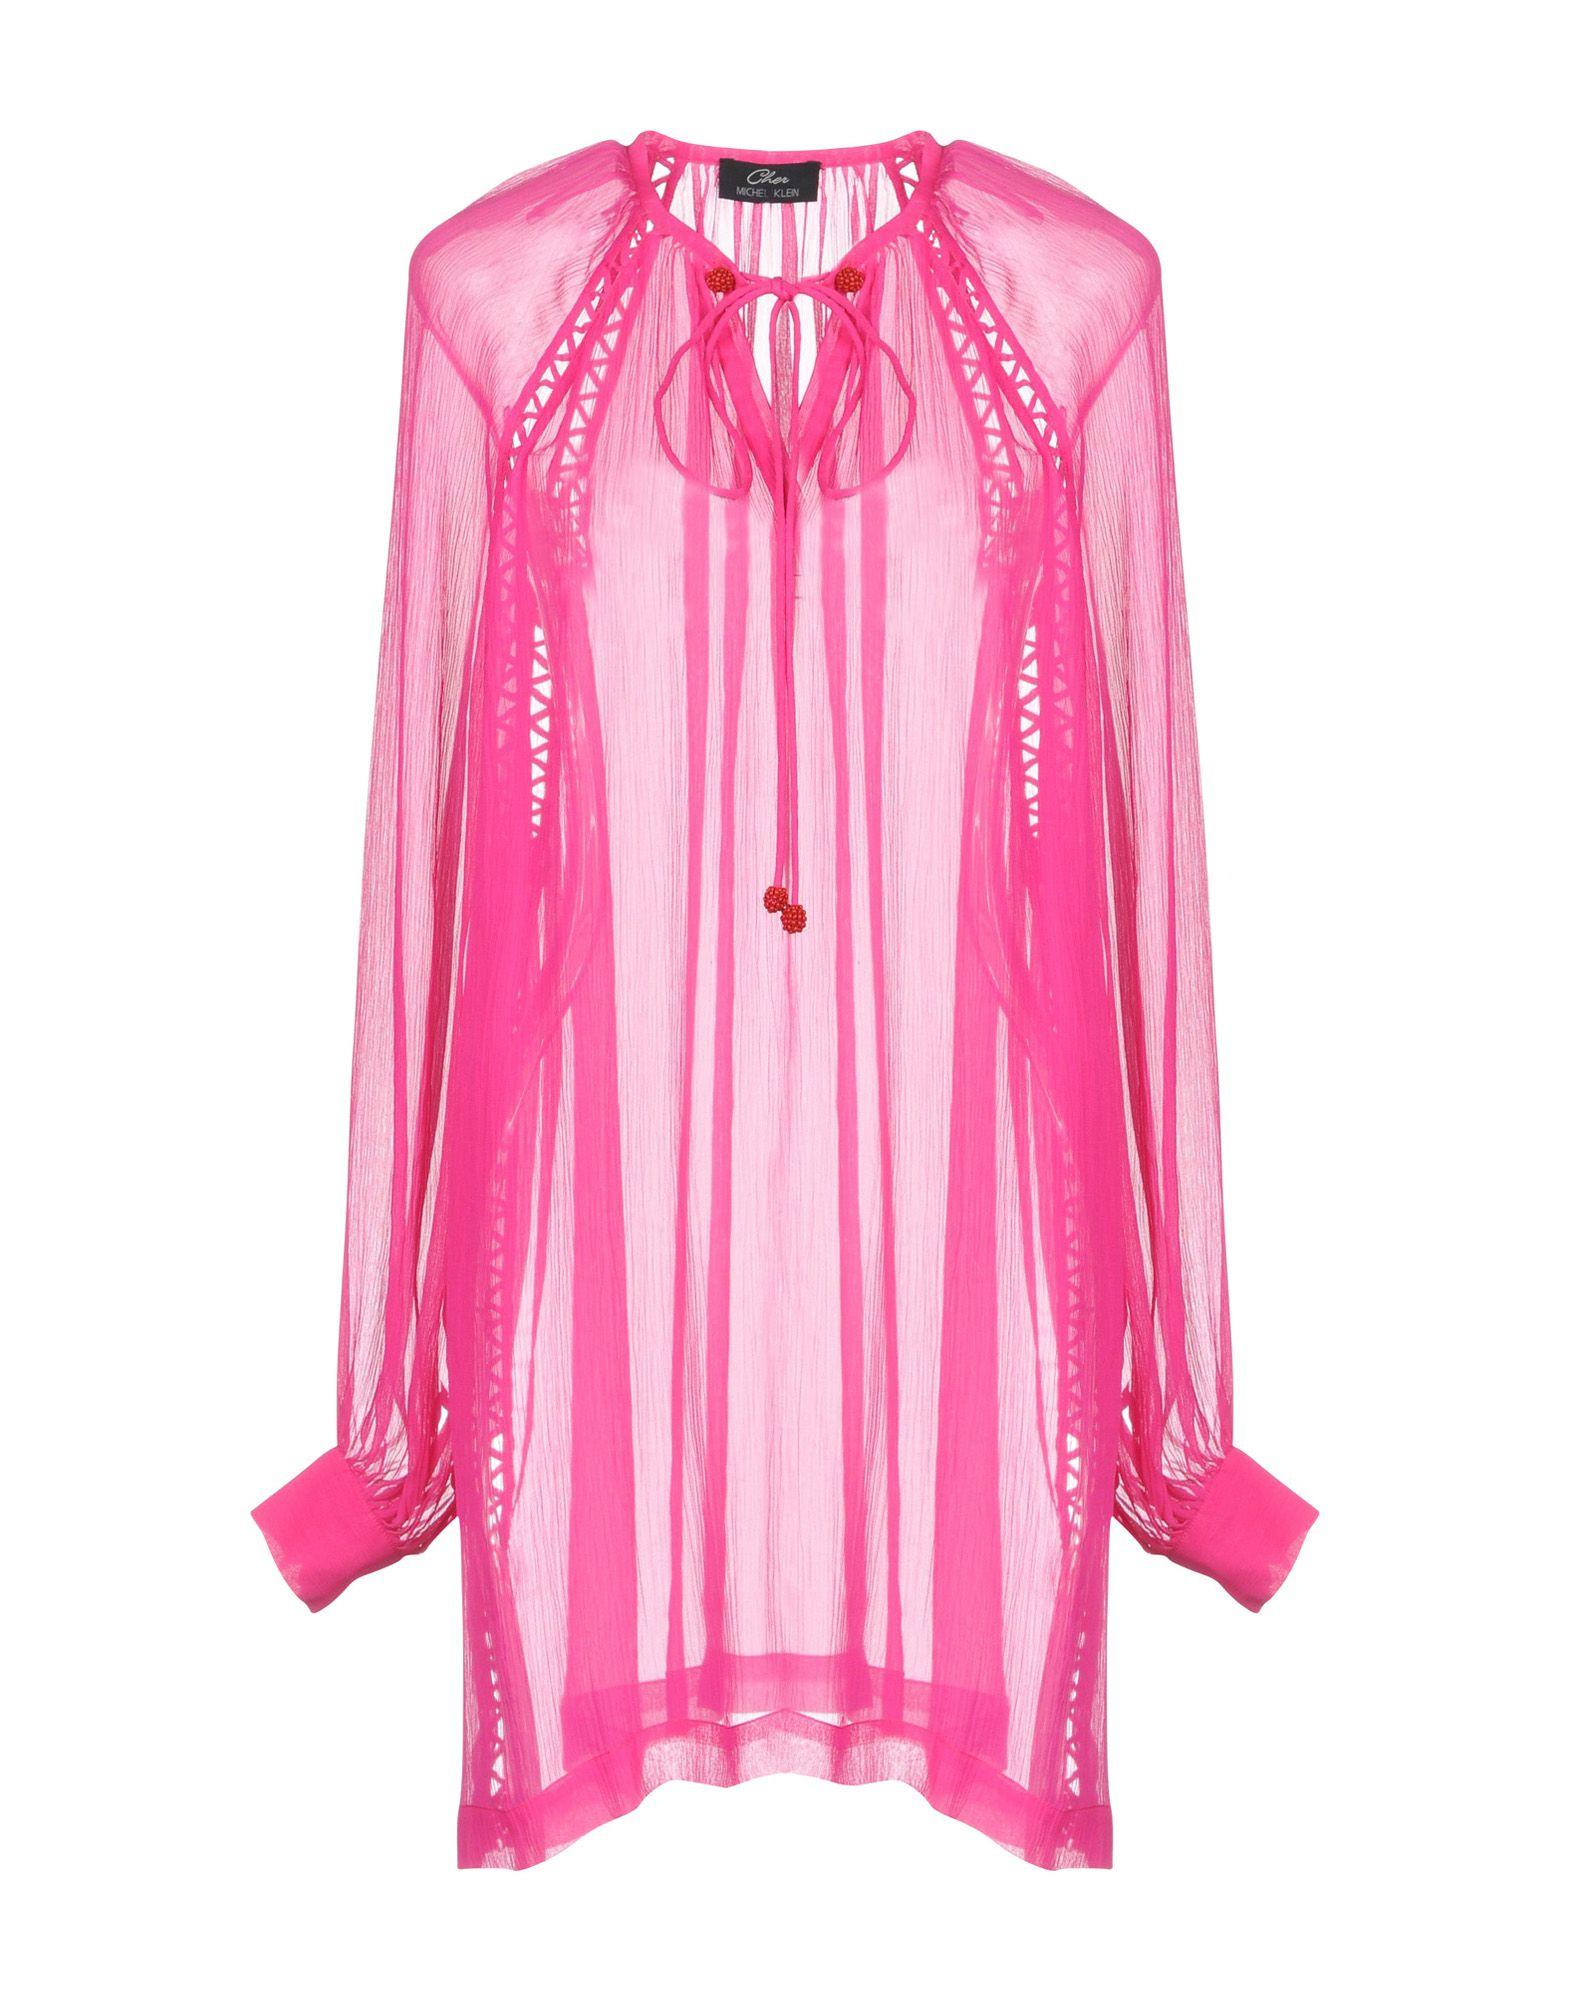 CHER MICHEL KLEIN Блузка cher michel klein шелковое платье